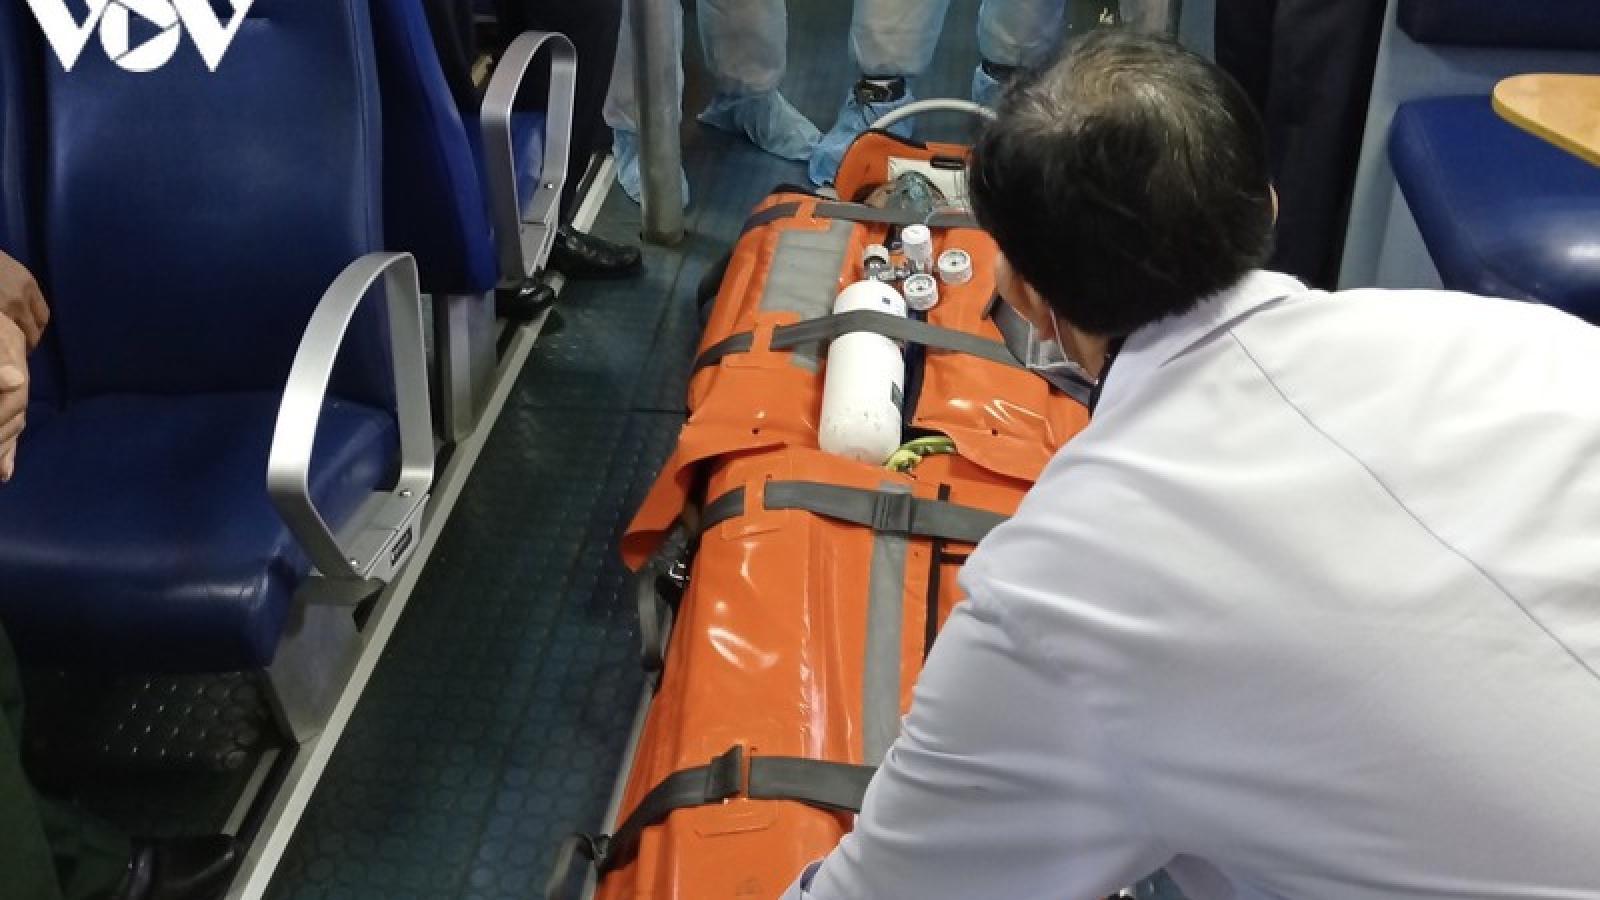 Cứu sống thuyền viên tàu cá bị tai nạn lao động trên biển Vũng Tàu